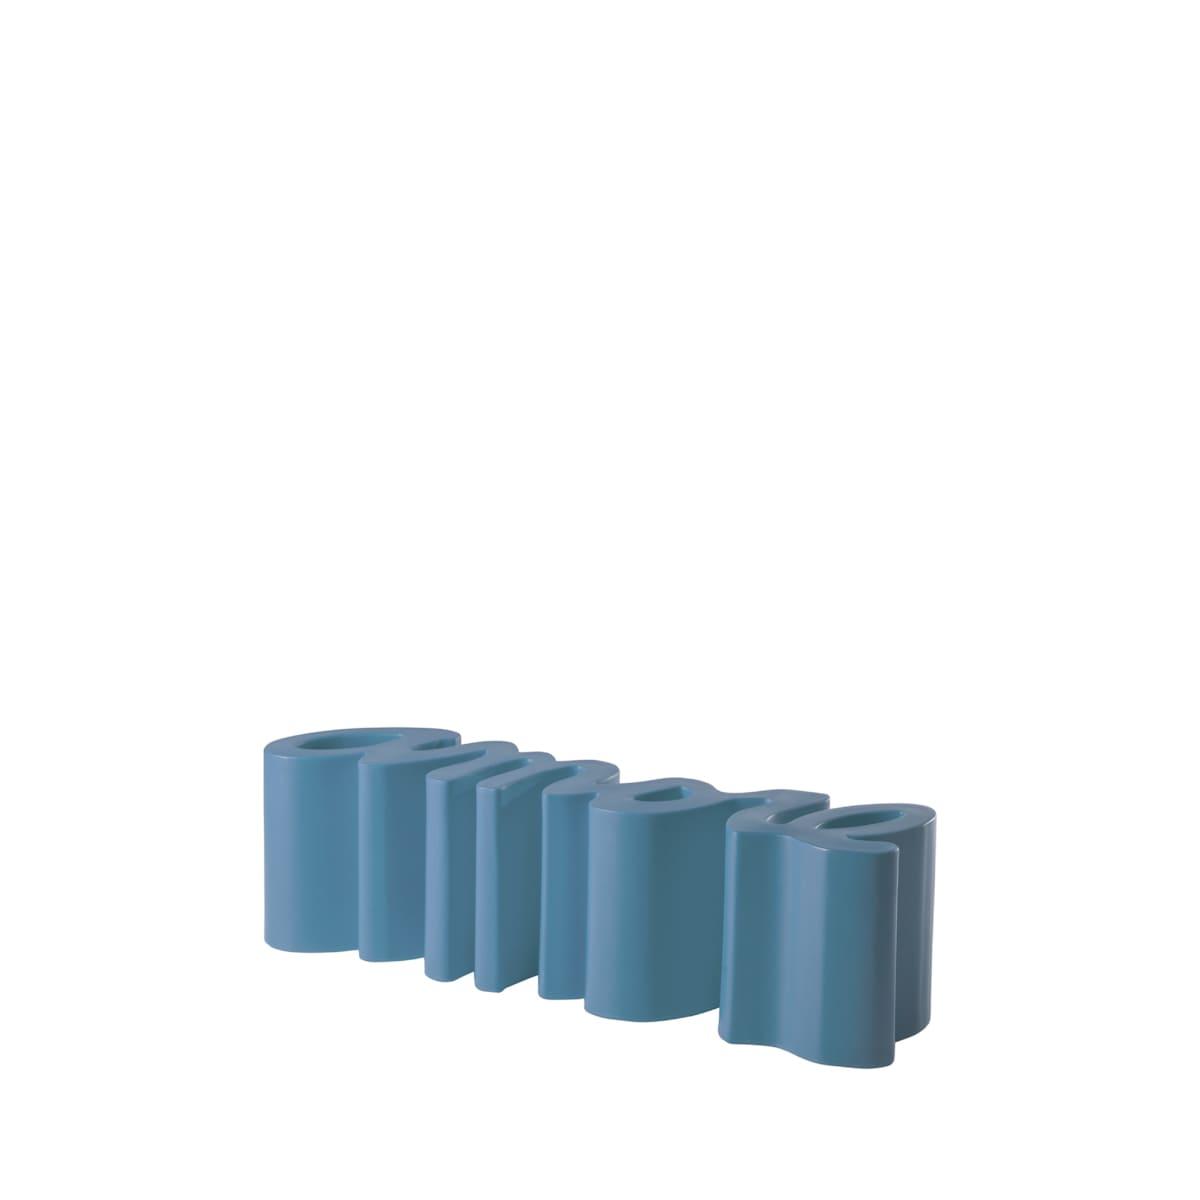 gartenbank modern sitzbank garten blau - Ausgefallene Designer Bank für den Garten